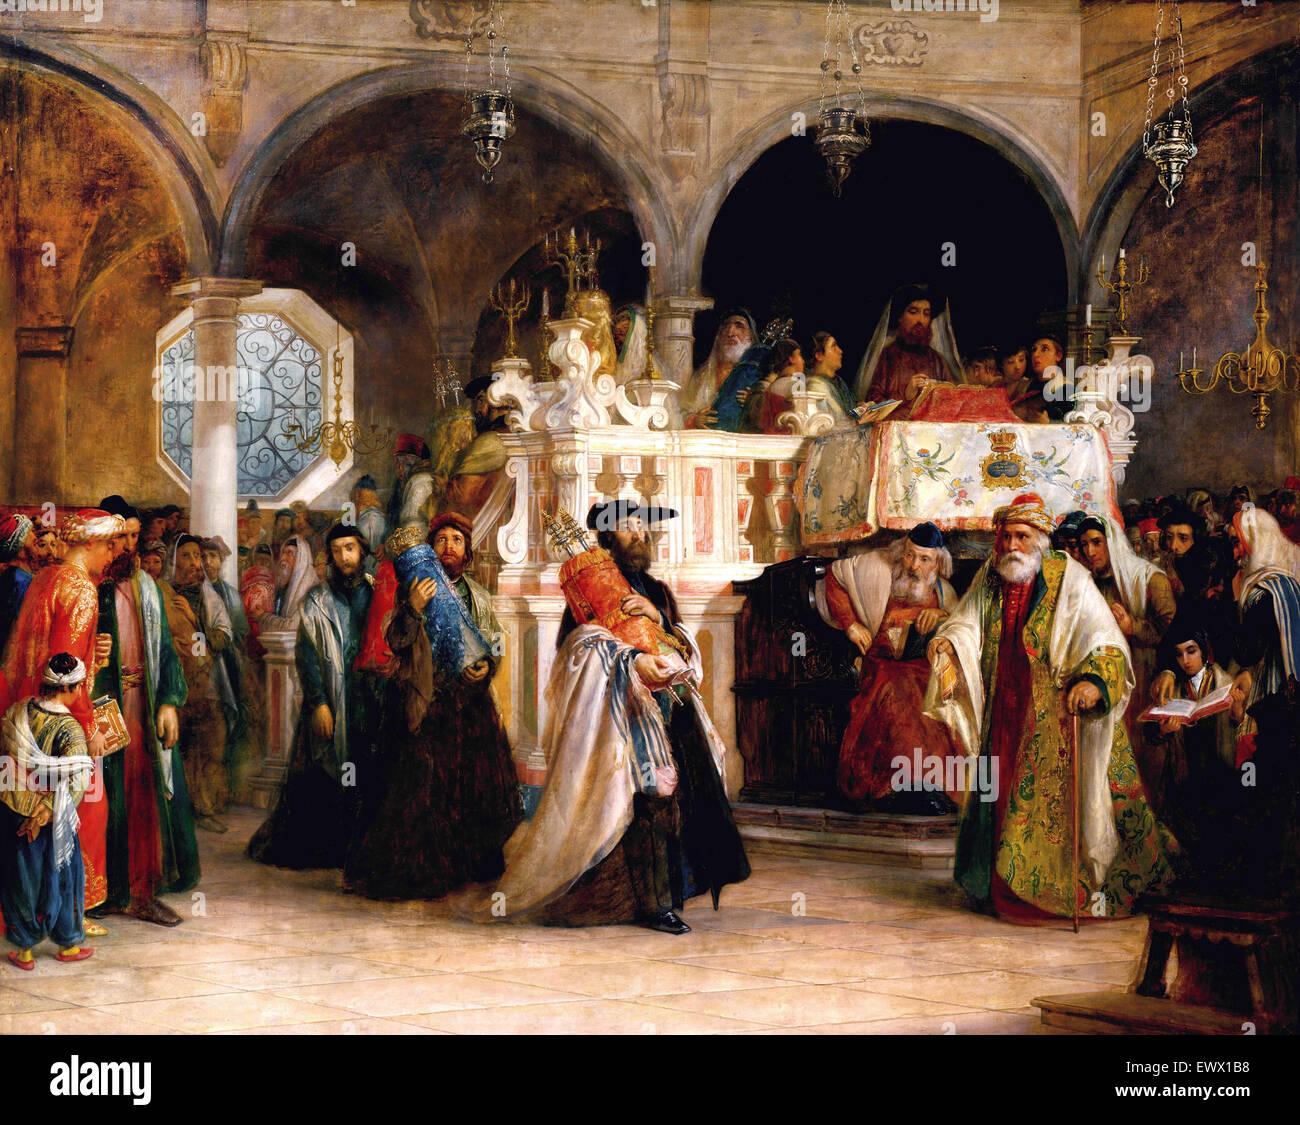 Solomon Hart, das Fest der Freude des Gesetzes in der Synagoge in Livorno, Italien 1850 Öl auf Leinwand. Stockbild